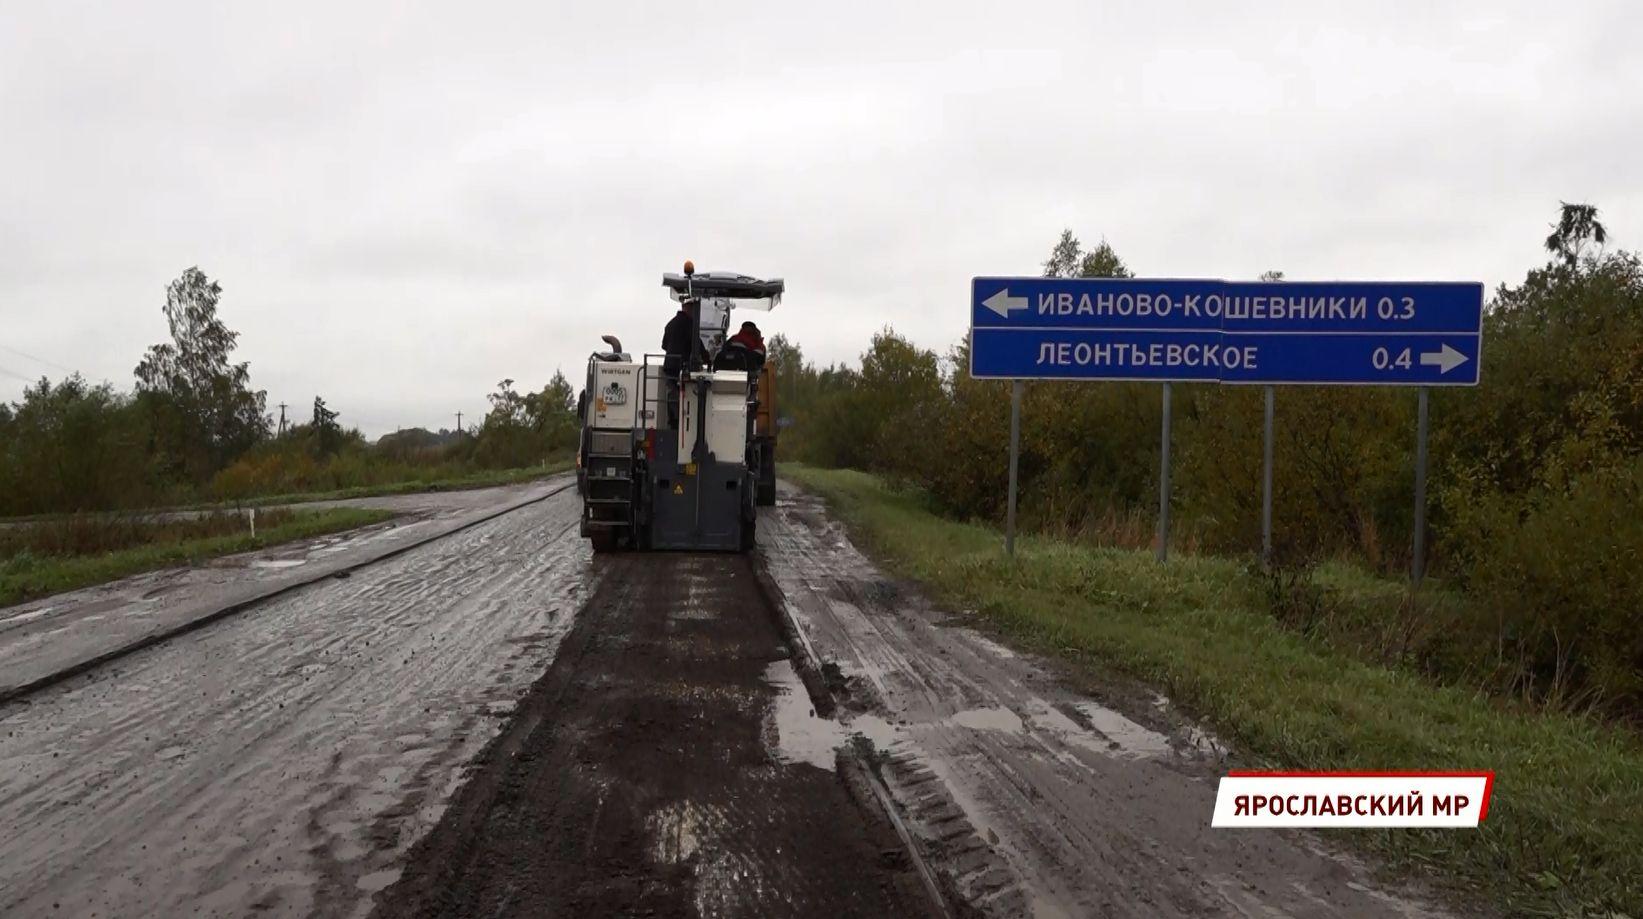 Подрядчик приступил к ремонту трех участков дороги Карачиха - Ширинье под Ярославлем